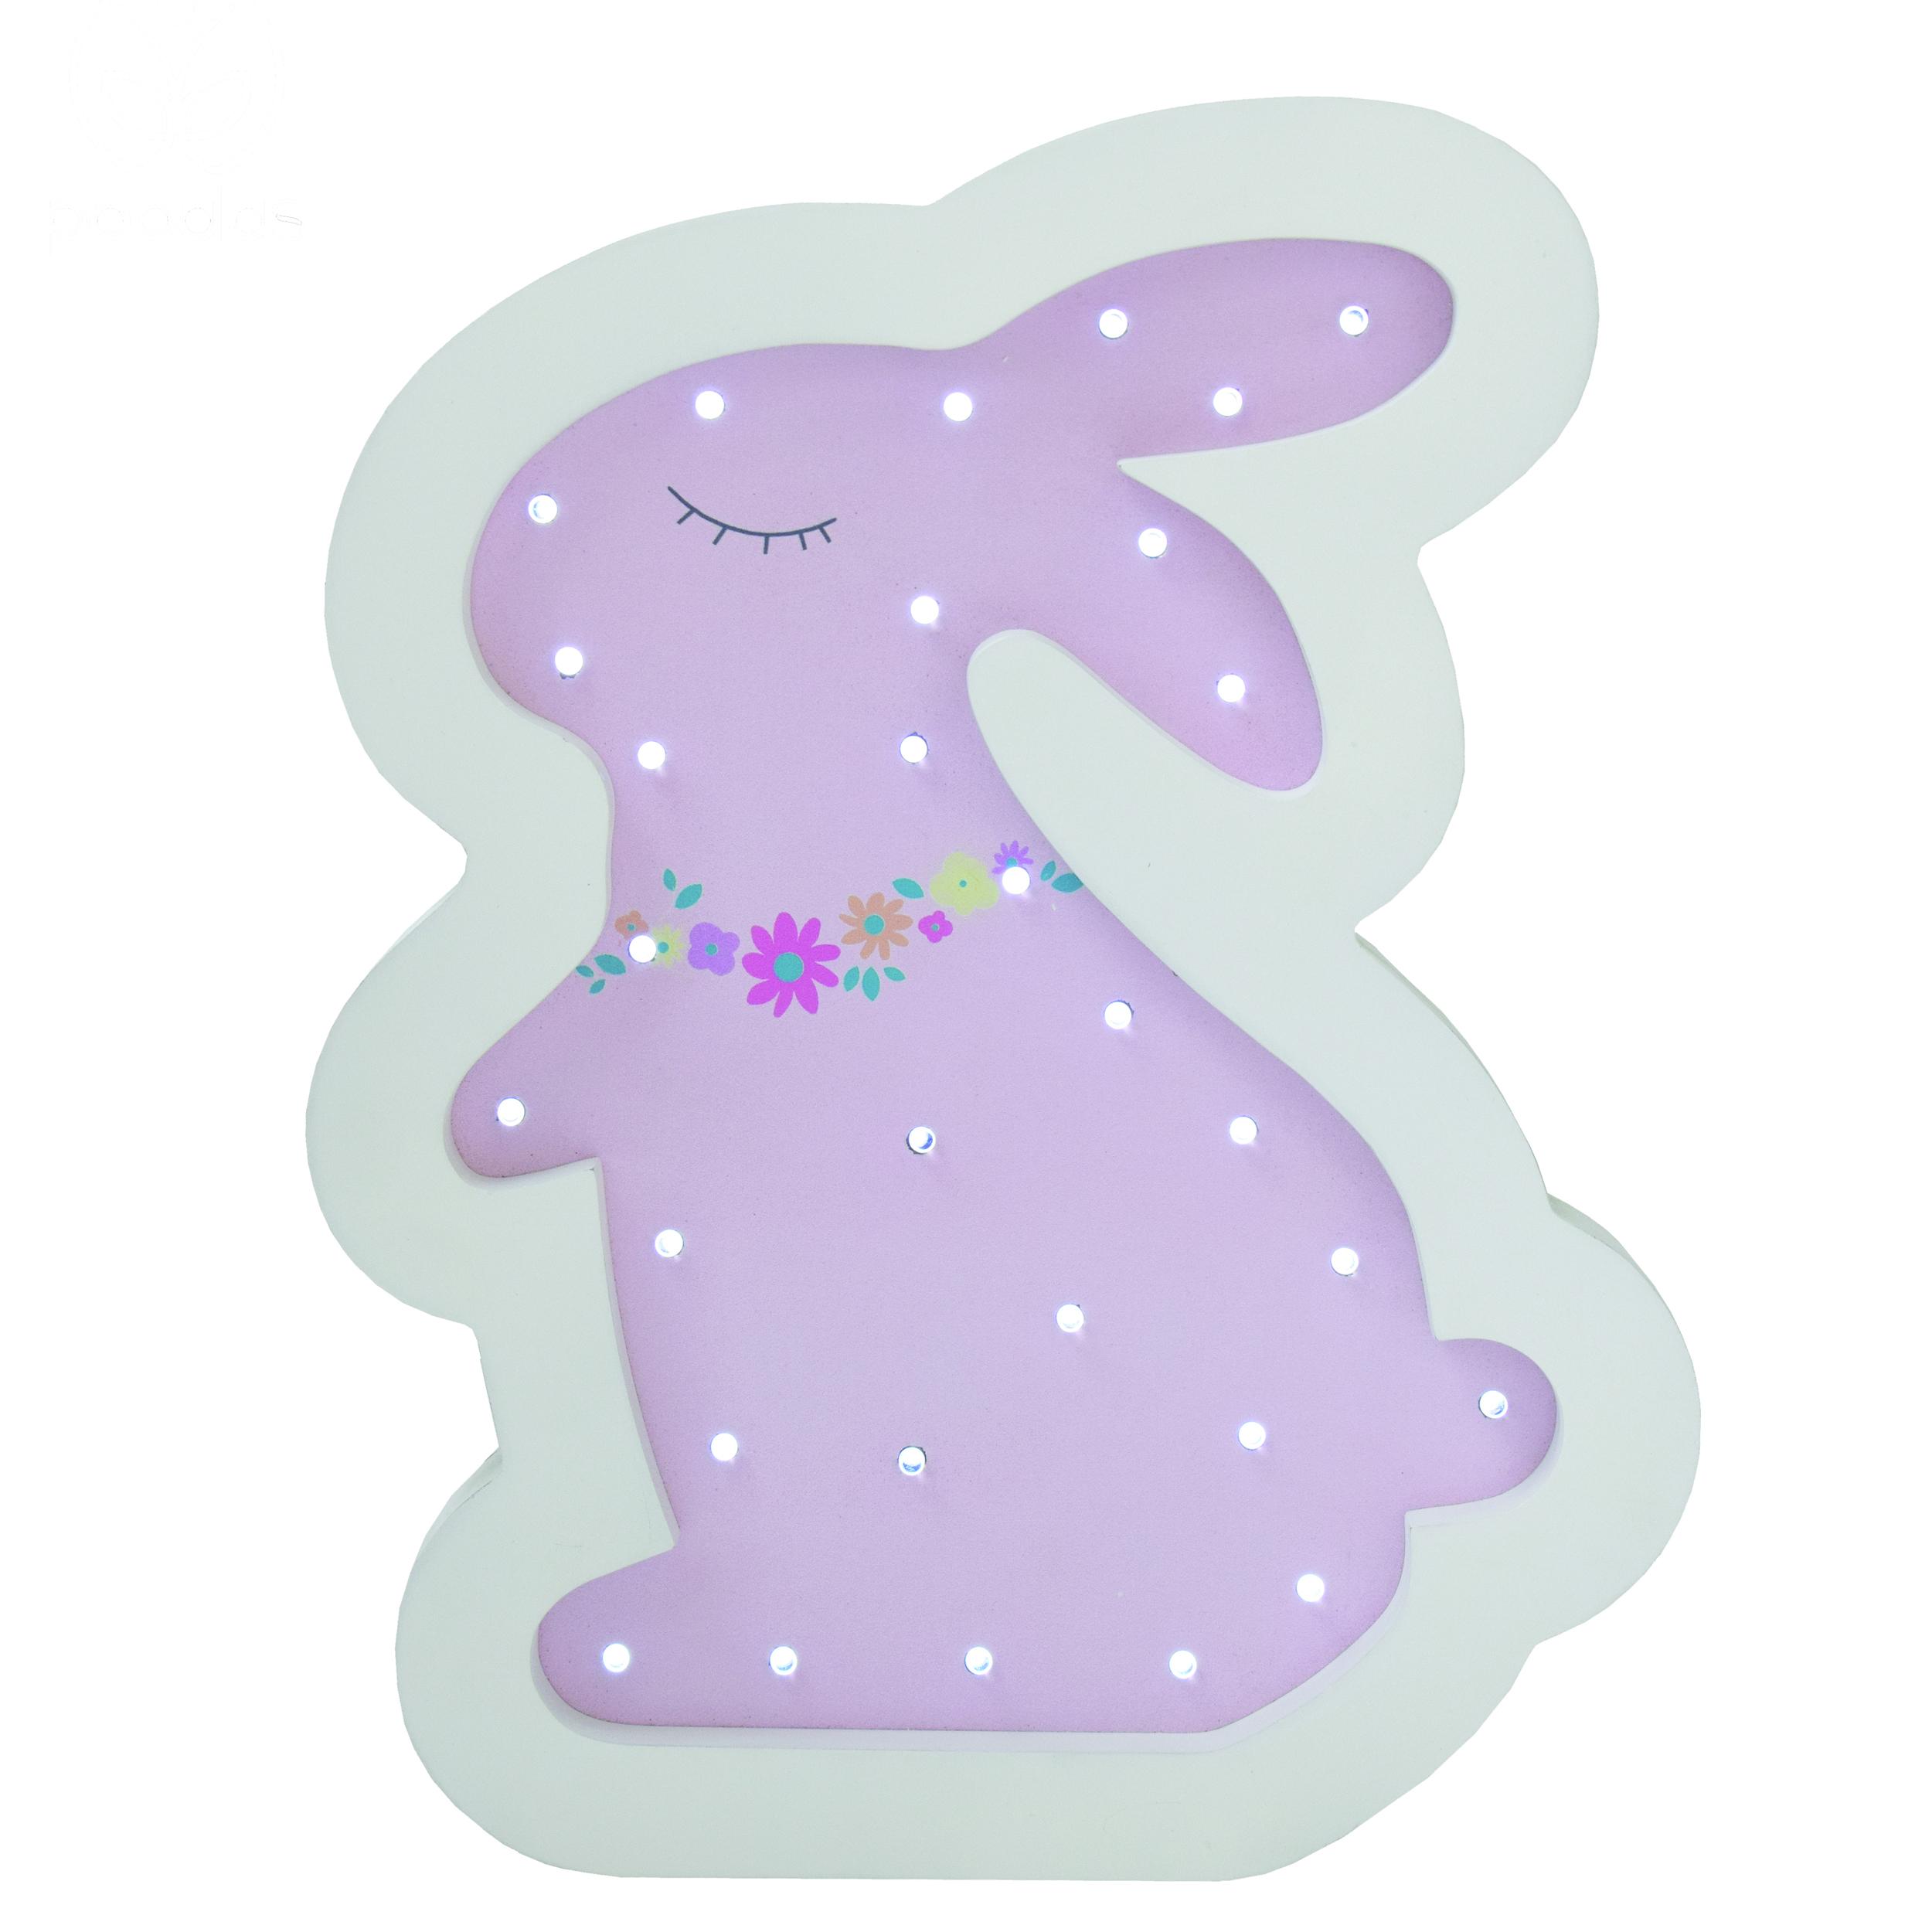 چراغ خواب ال ای دی کودک پوپولوس طرح خرگوش